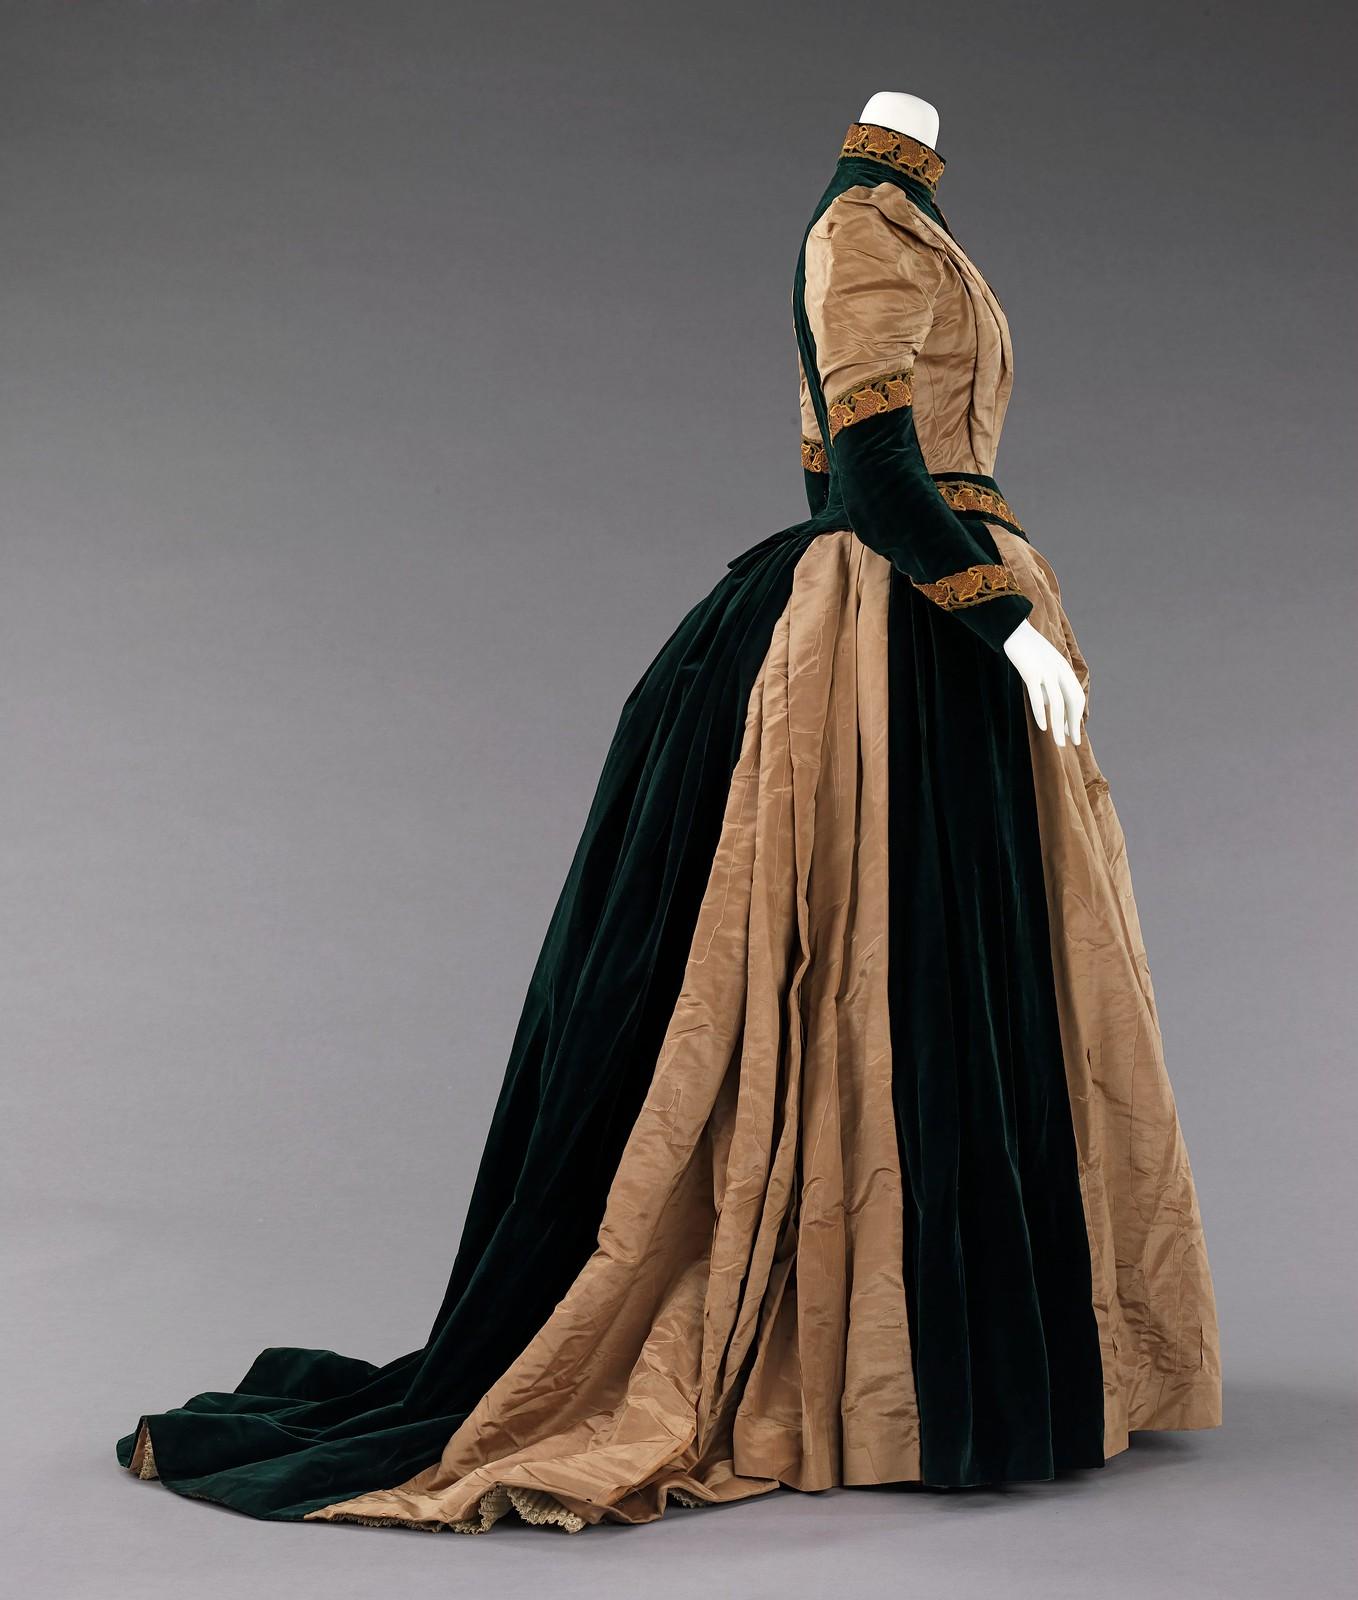 1885. American. Silk. metmuseum